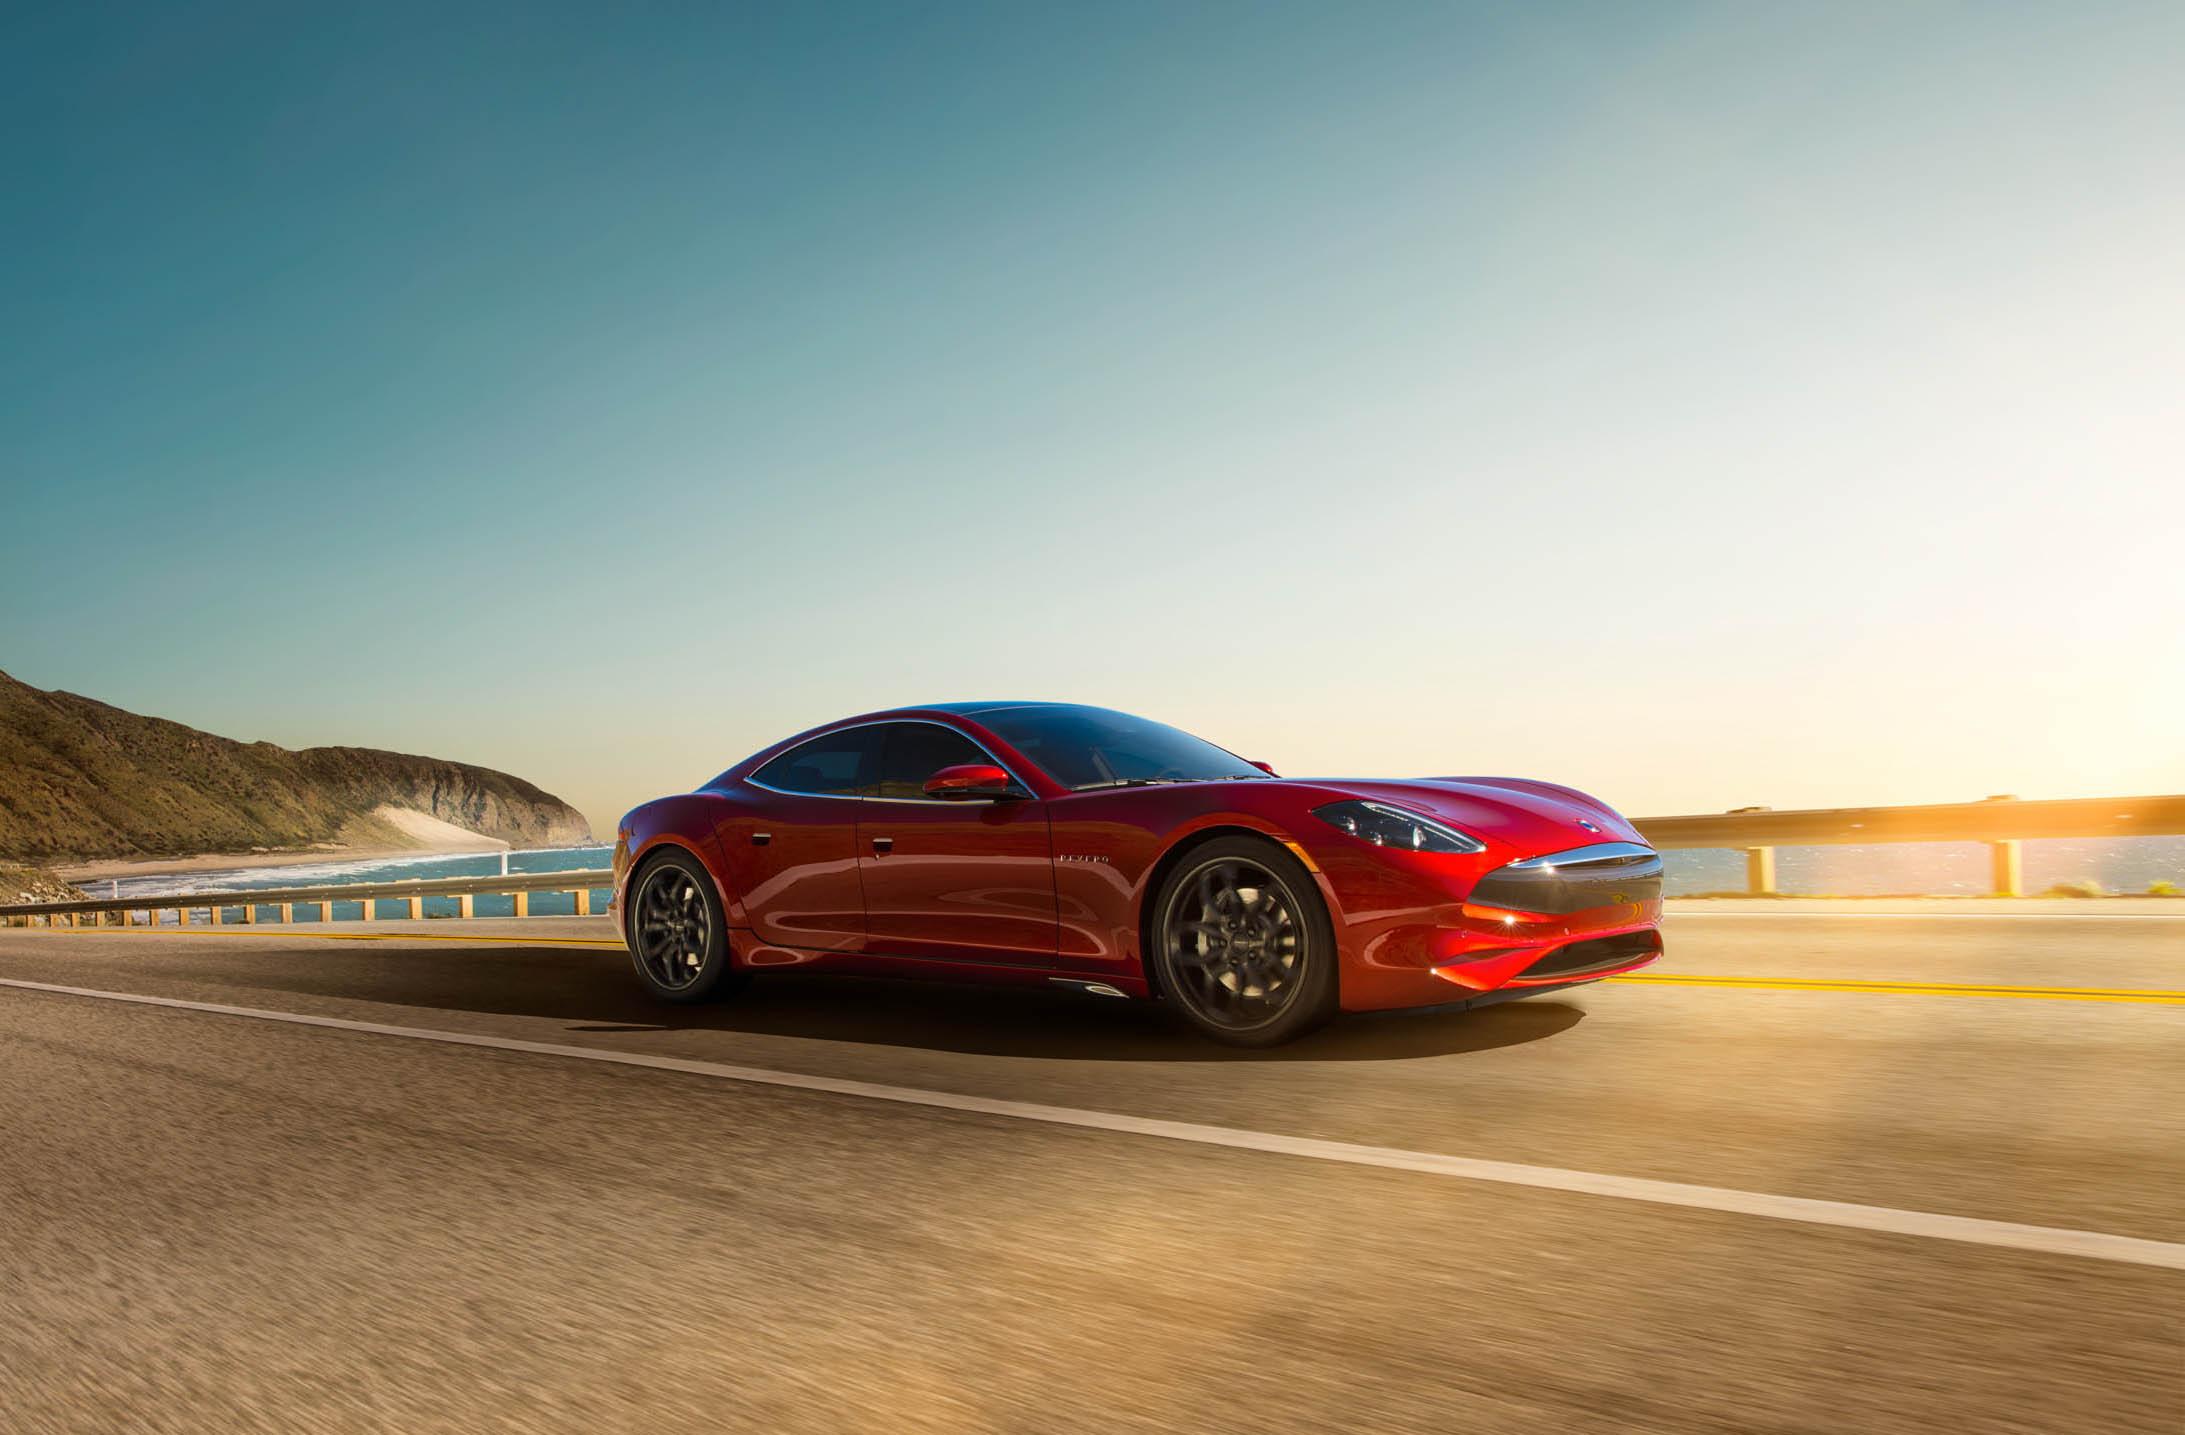 leasing a luxury car